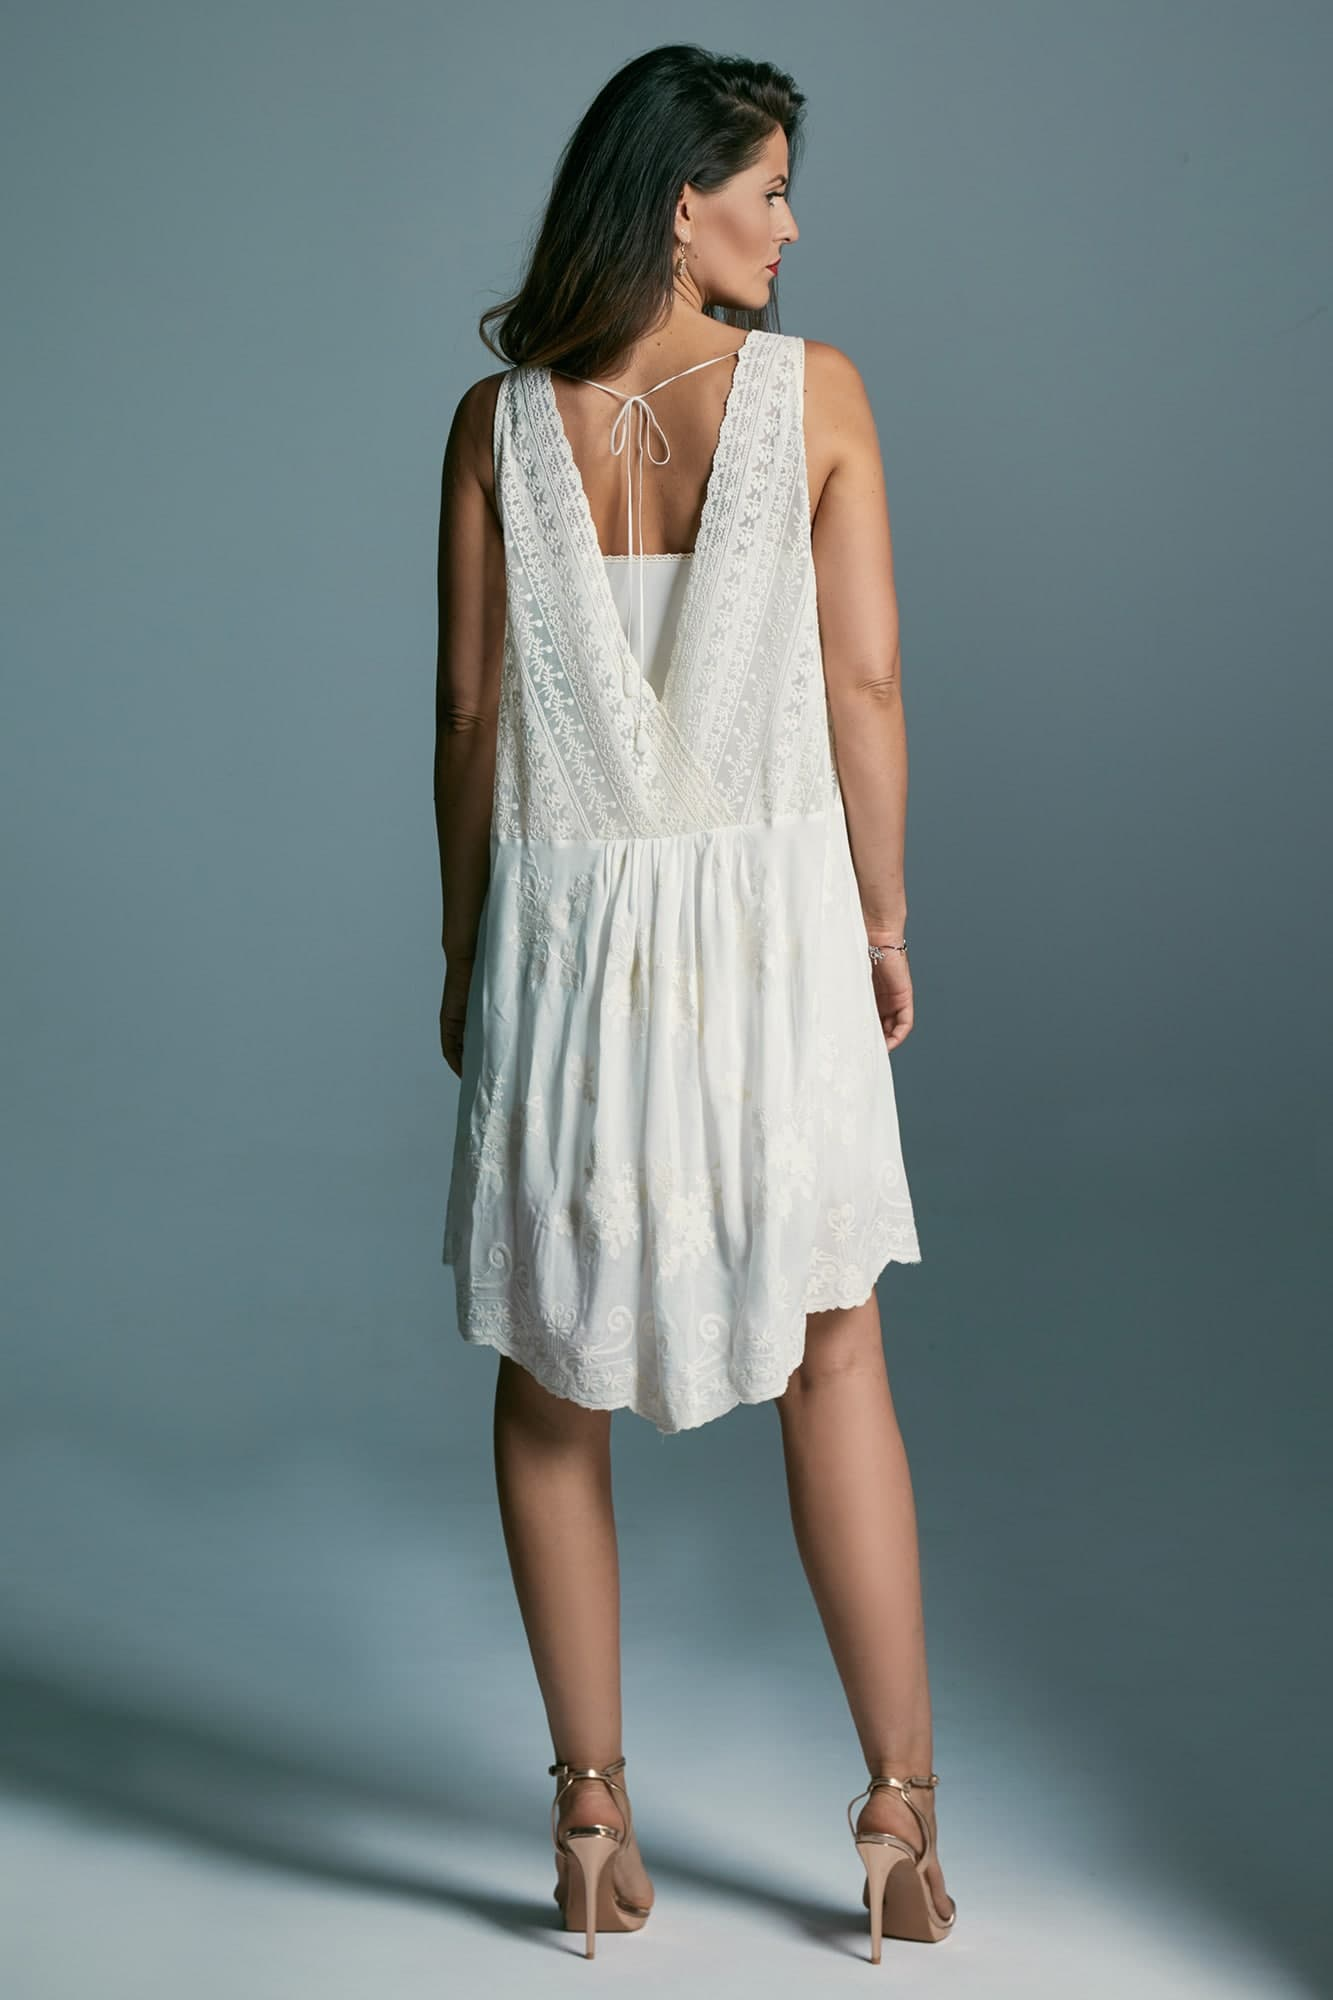 Krótka sukienka na poprawiny eksponująca nogi Barcelona 3